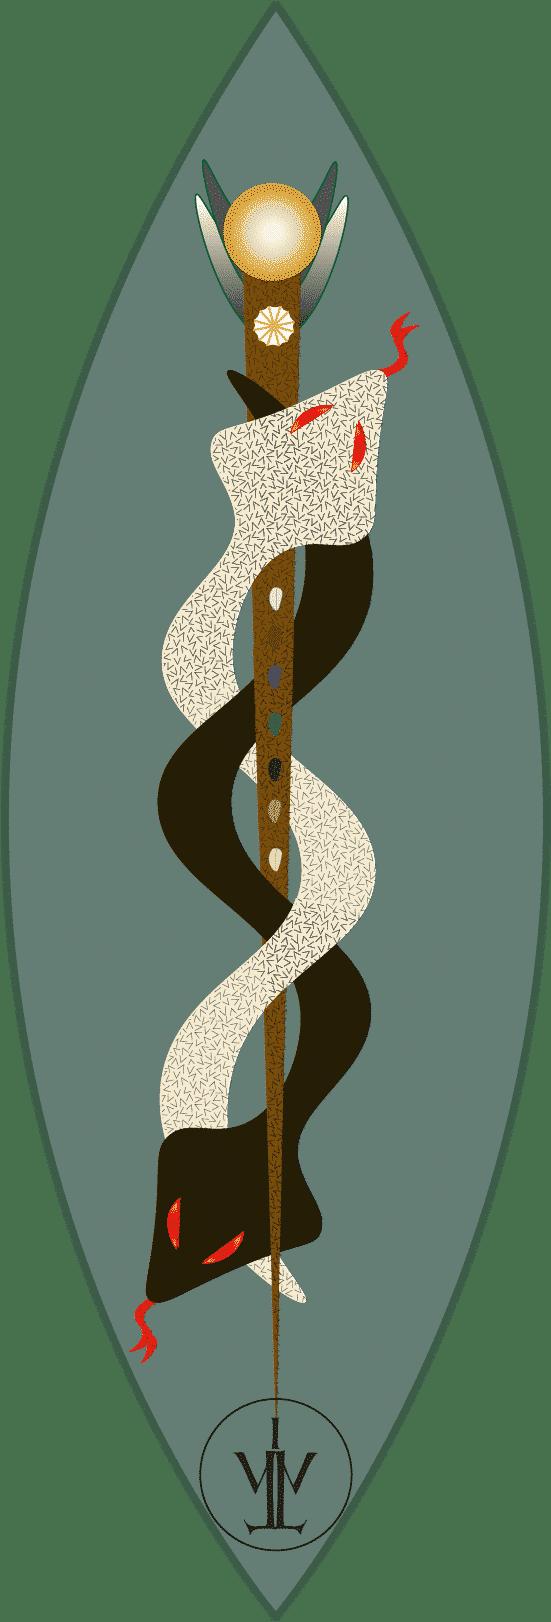 Le serpent, persistance de son culte dans l'Afrique du Nord